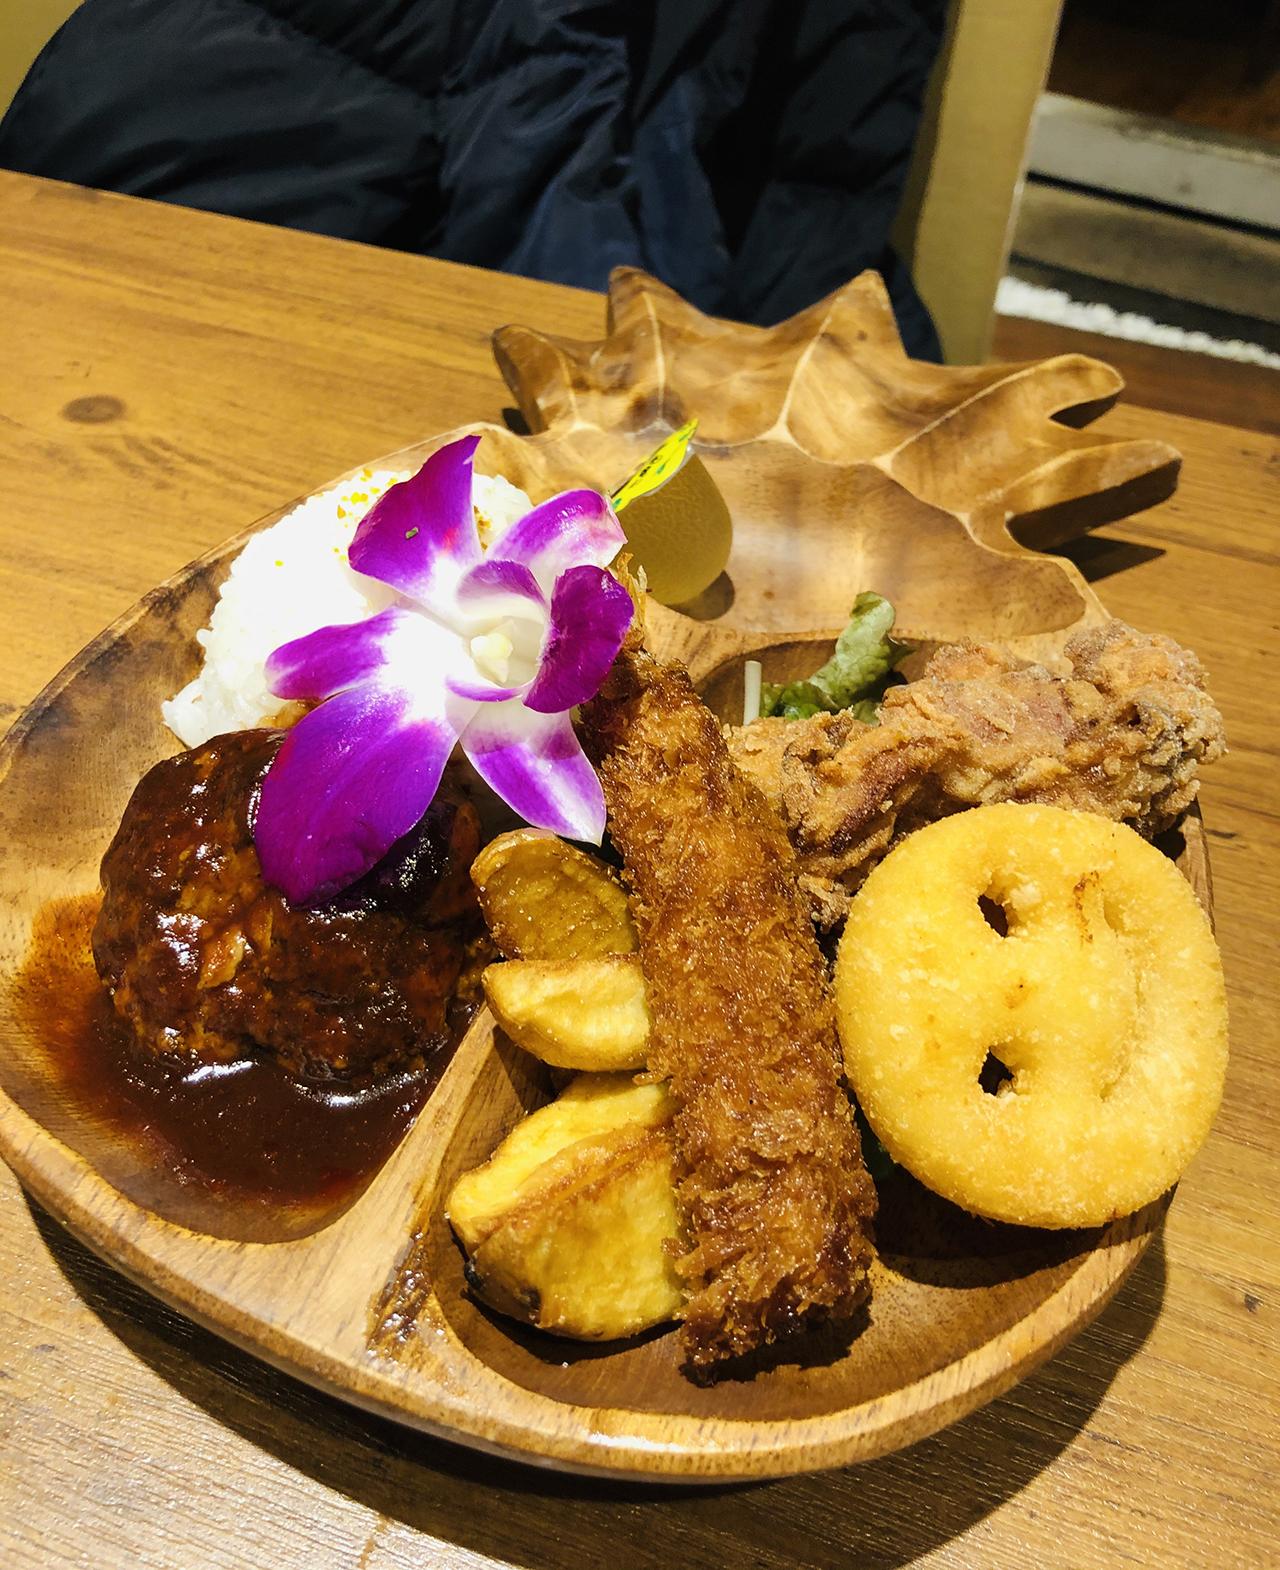 Hawaiian Food & Kona Beer KauKau(ハワイアンフード&コナビール カウカウ)そごう千葉店の投稿写真11